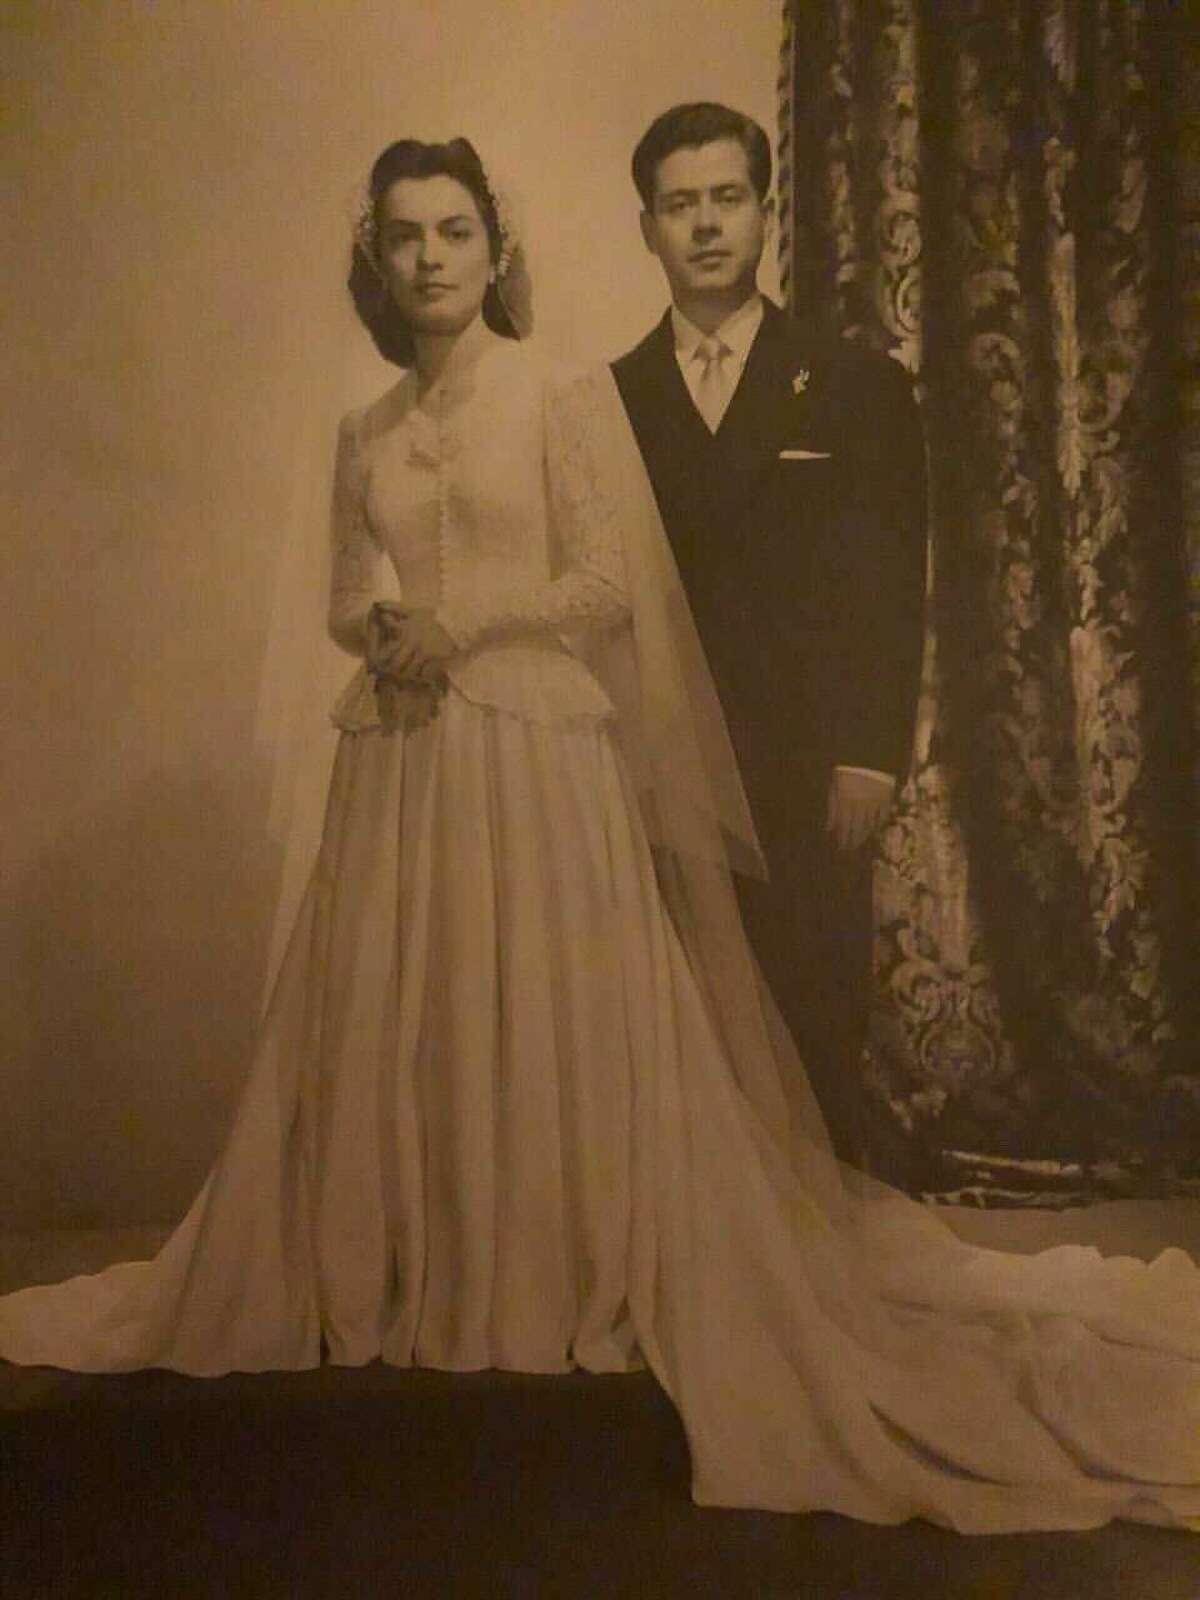 Mariana's grandmother, who originally wore the wedding dress Mariana wore.